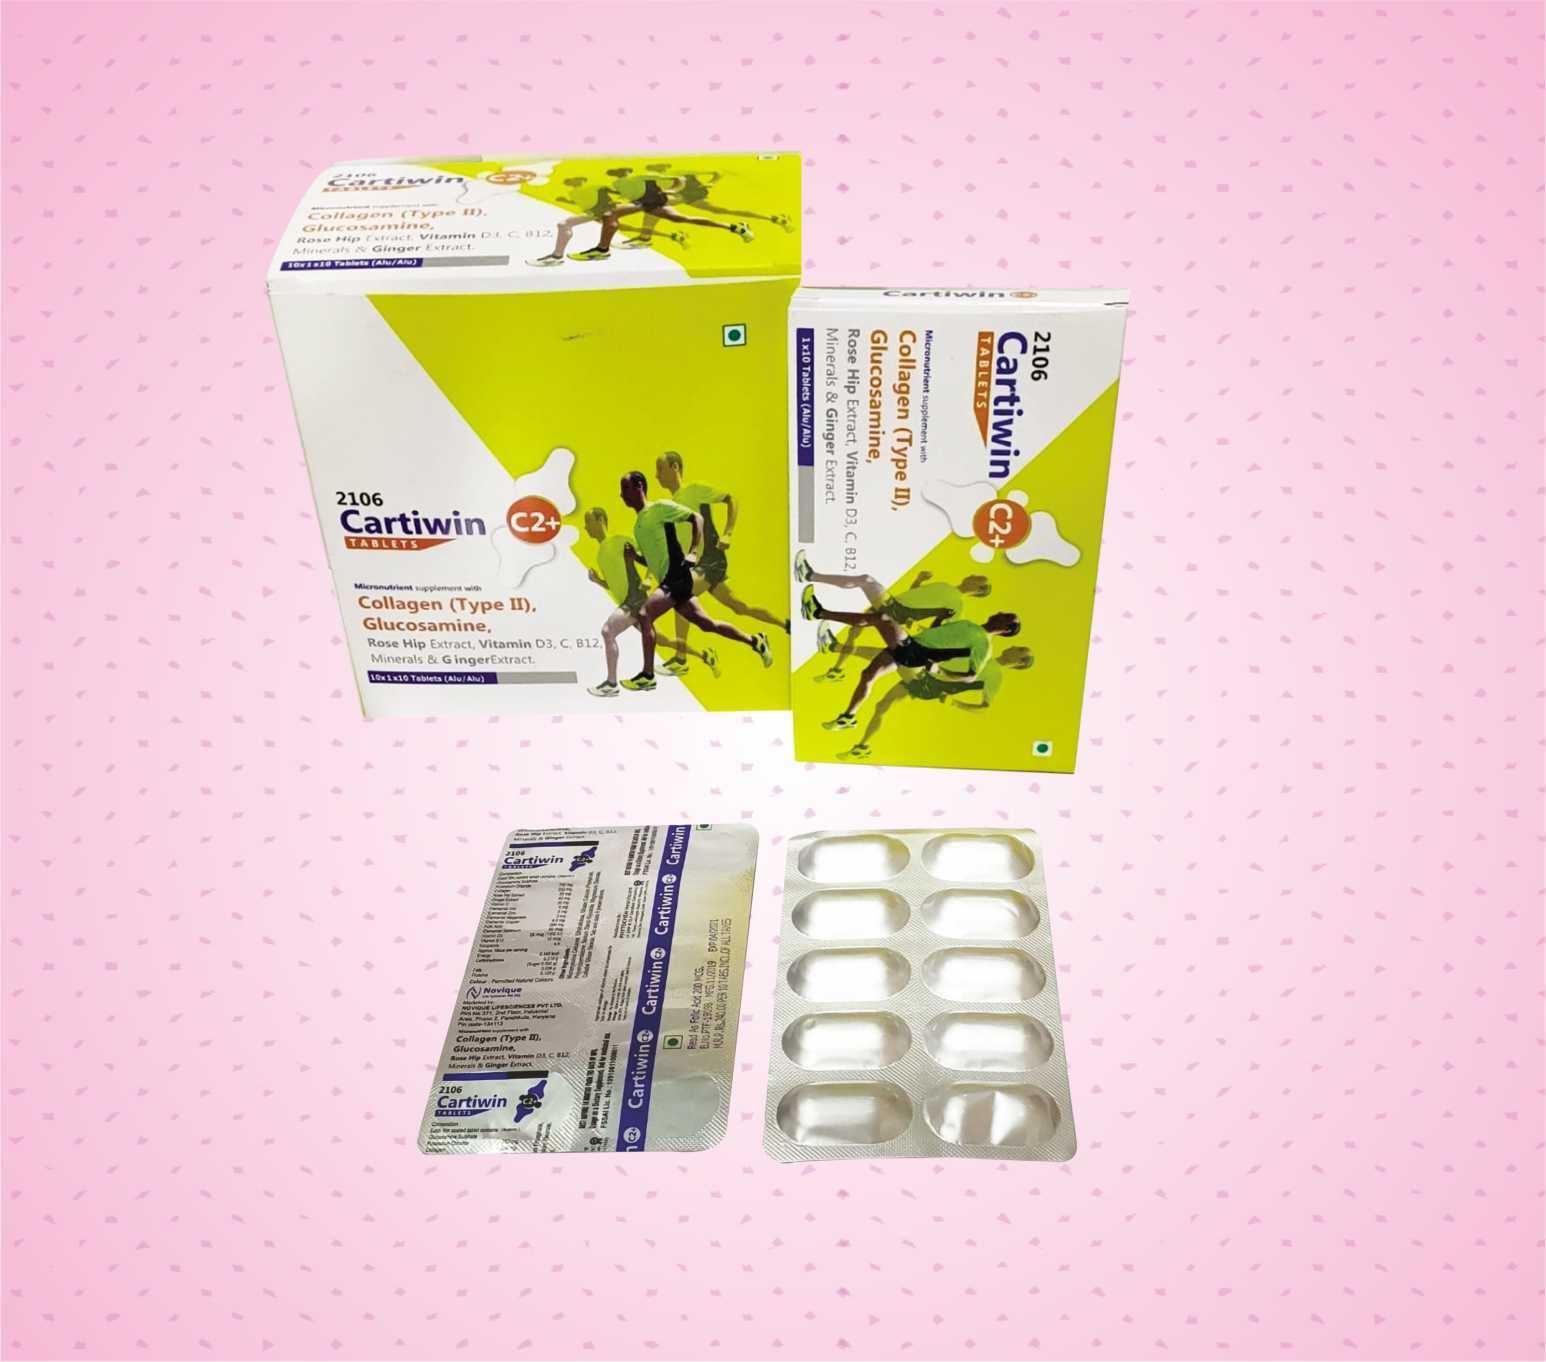 PCD Pharma Distributor